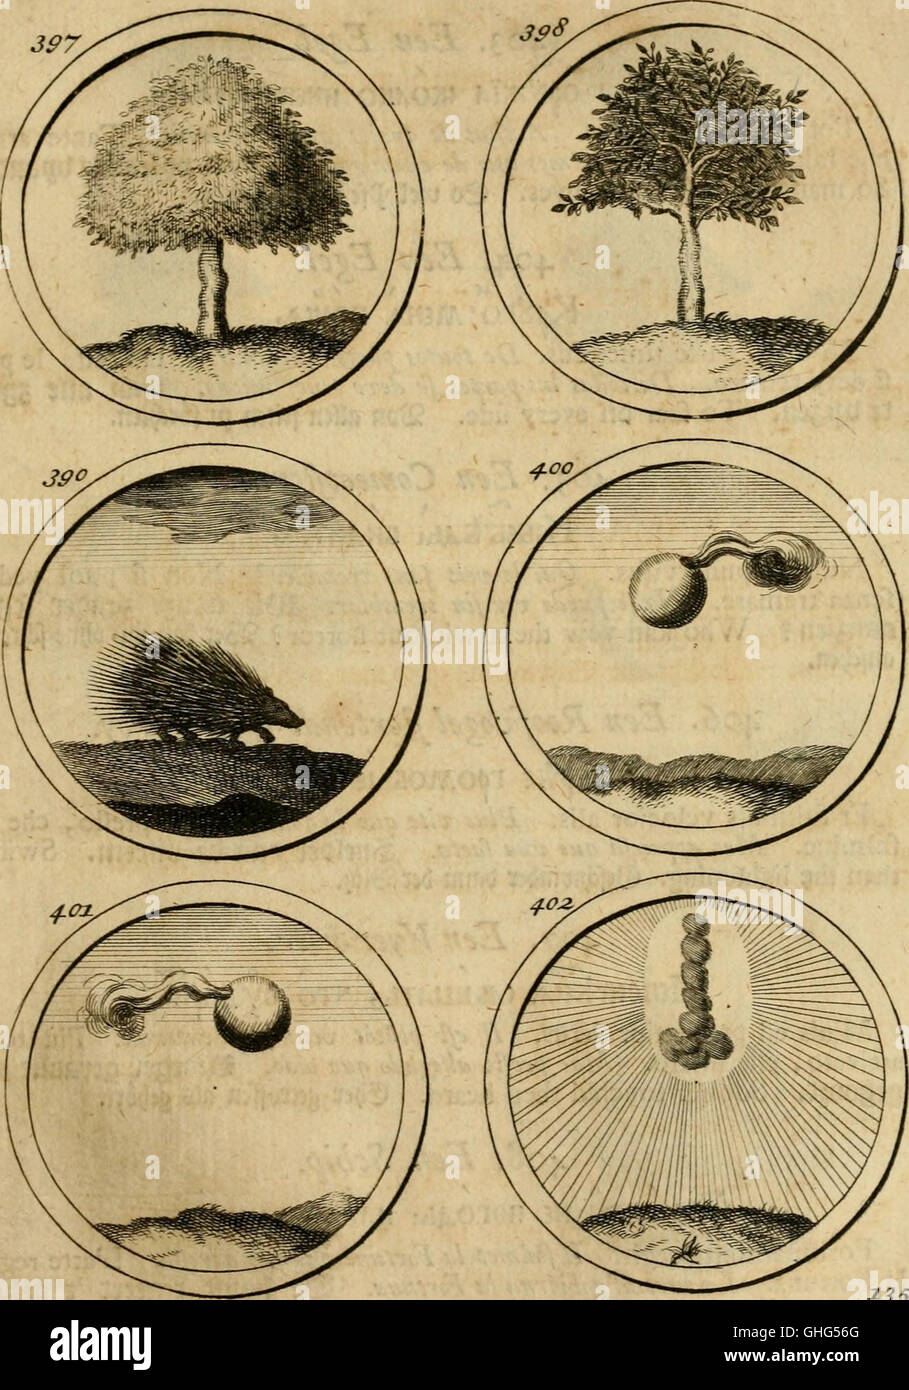 Symbola et emblemata (1705)